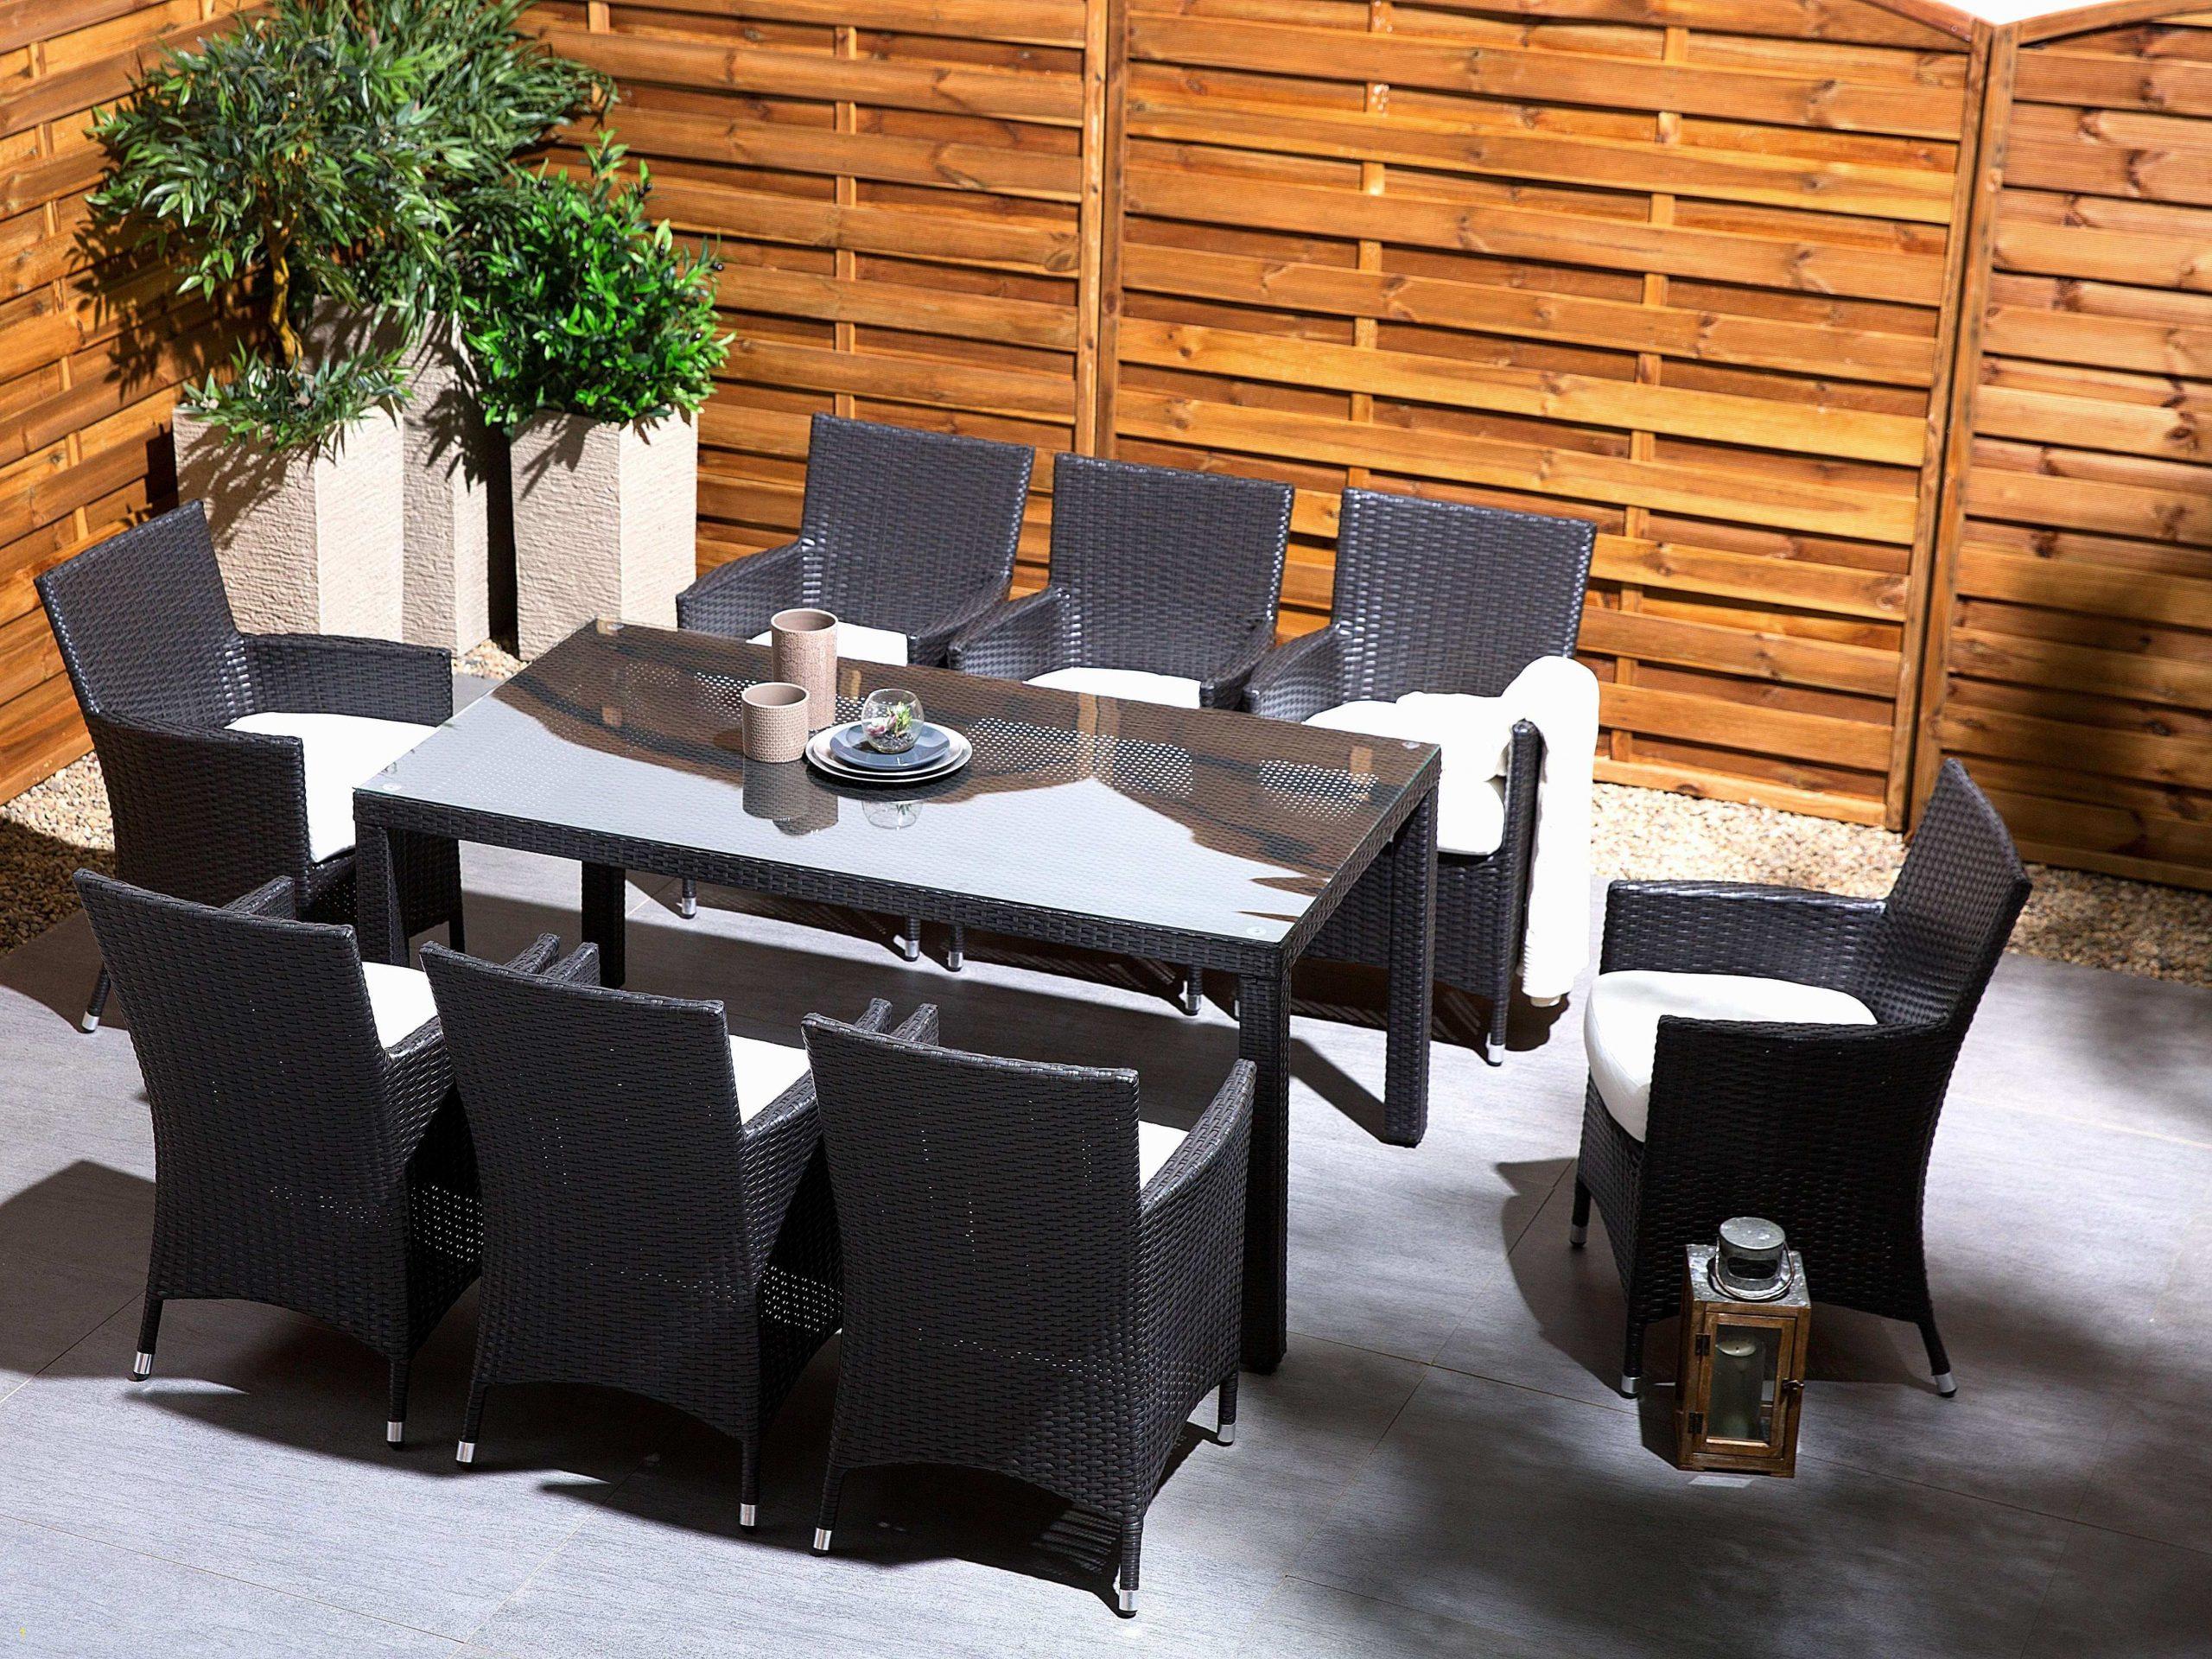 Full Size of Eckbank Ikea Teppich Grn Grau Reizend Wei Einzigartig 28 Konzept Betten 160x200 Küche Kosten Garten Sofa Mit Schlaffunktion Bei Miniküche Modulküche Kaufen Wohnzimmer Eckbank Ikea